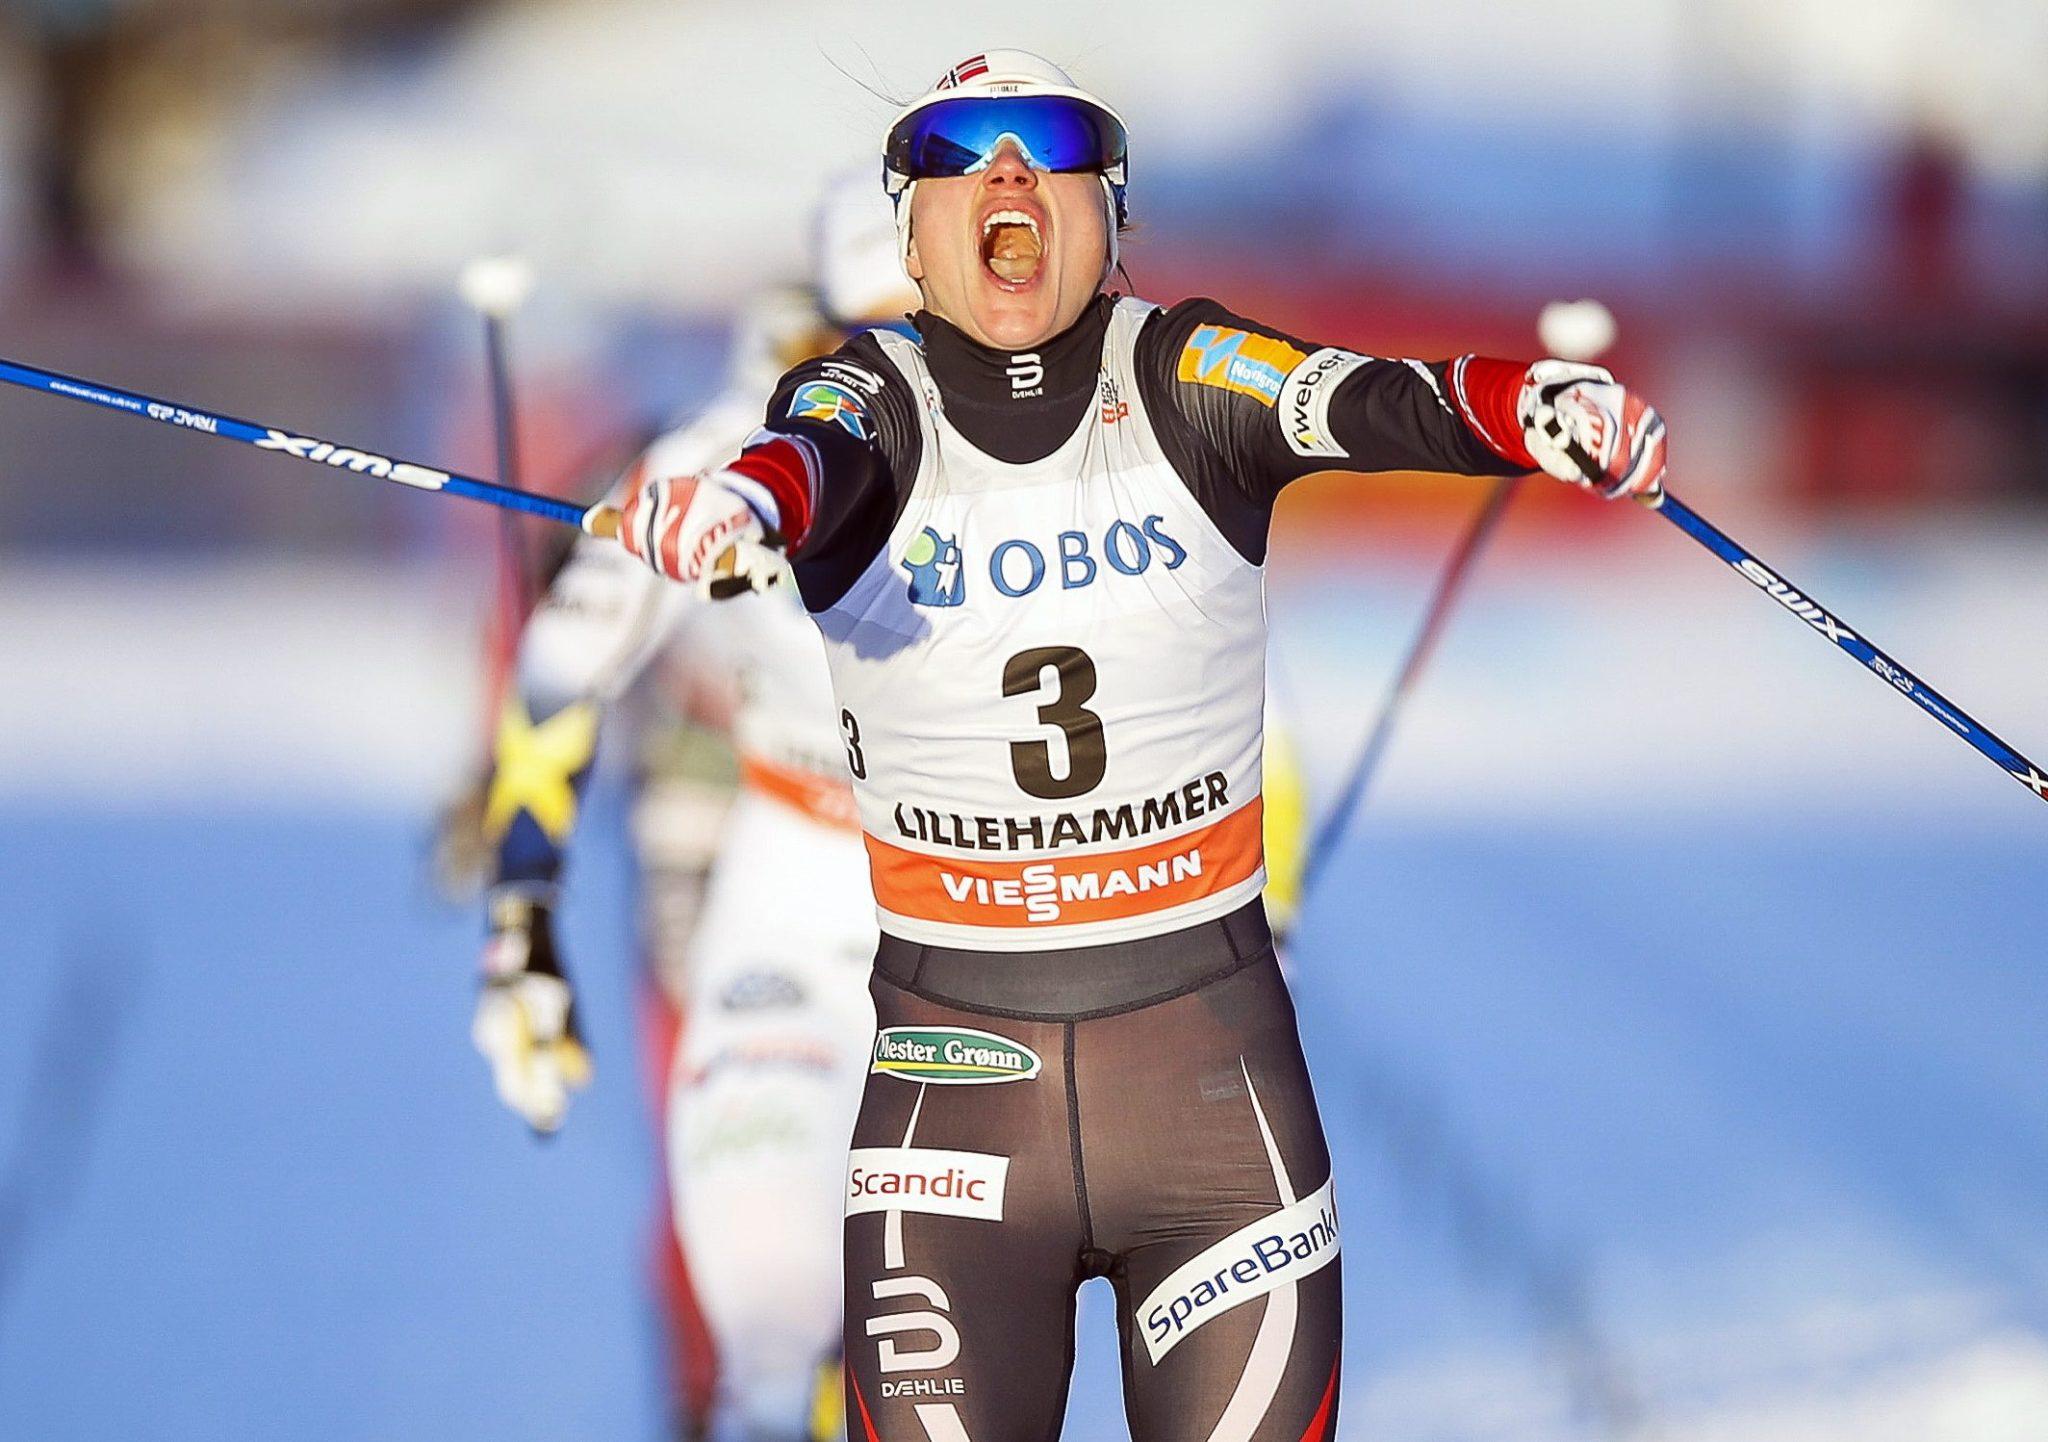 Norwegia: zawody puchary świata w narciarstwie biegowym w Lillehammer (foto. PAP/EPA/TERJE PEDERSEN)